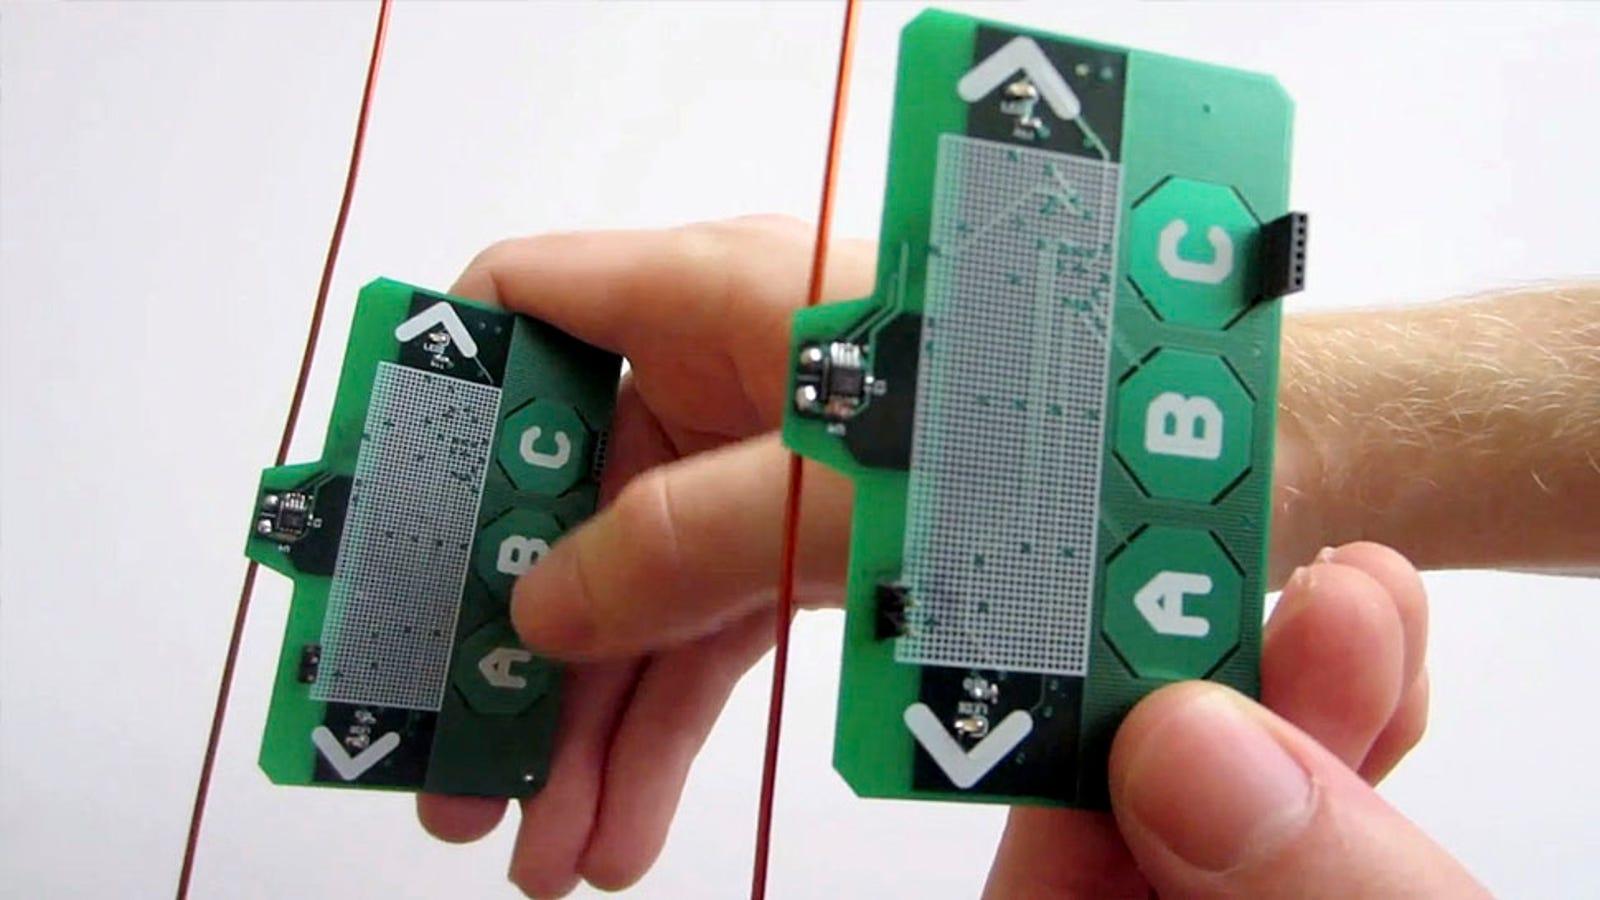 Estos dispositivos se comunican a kilómetros sin usar baterías